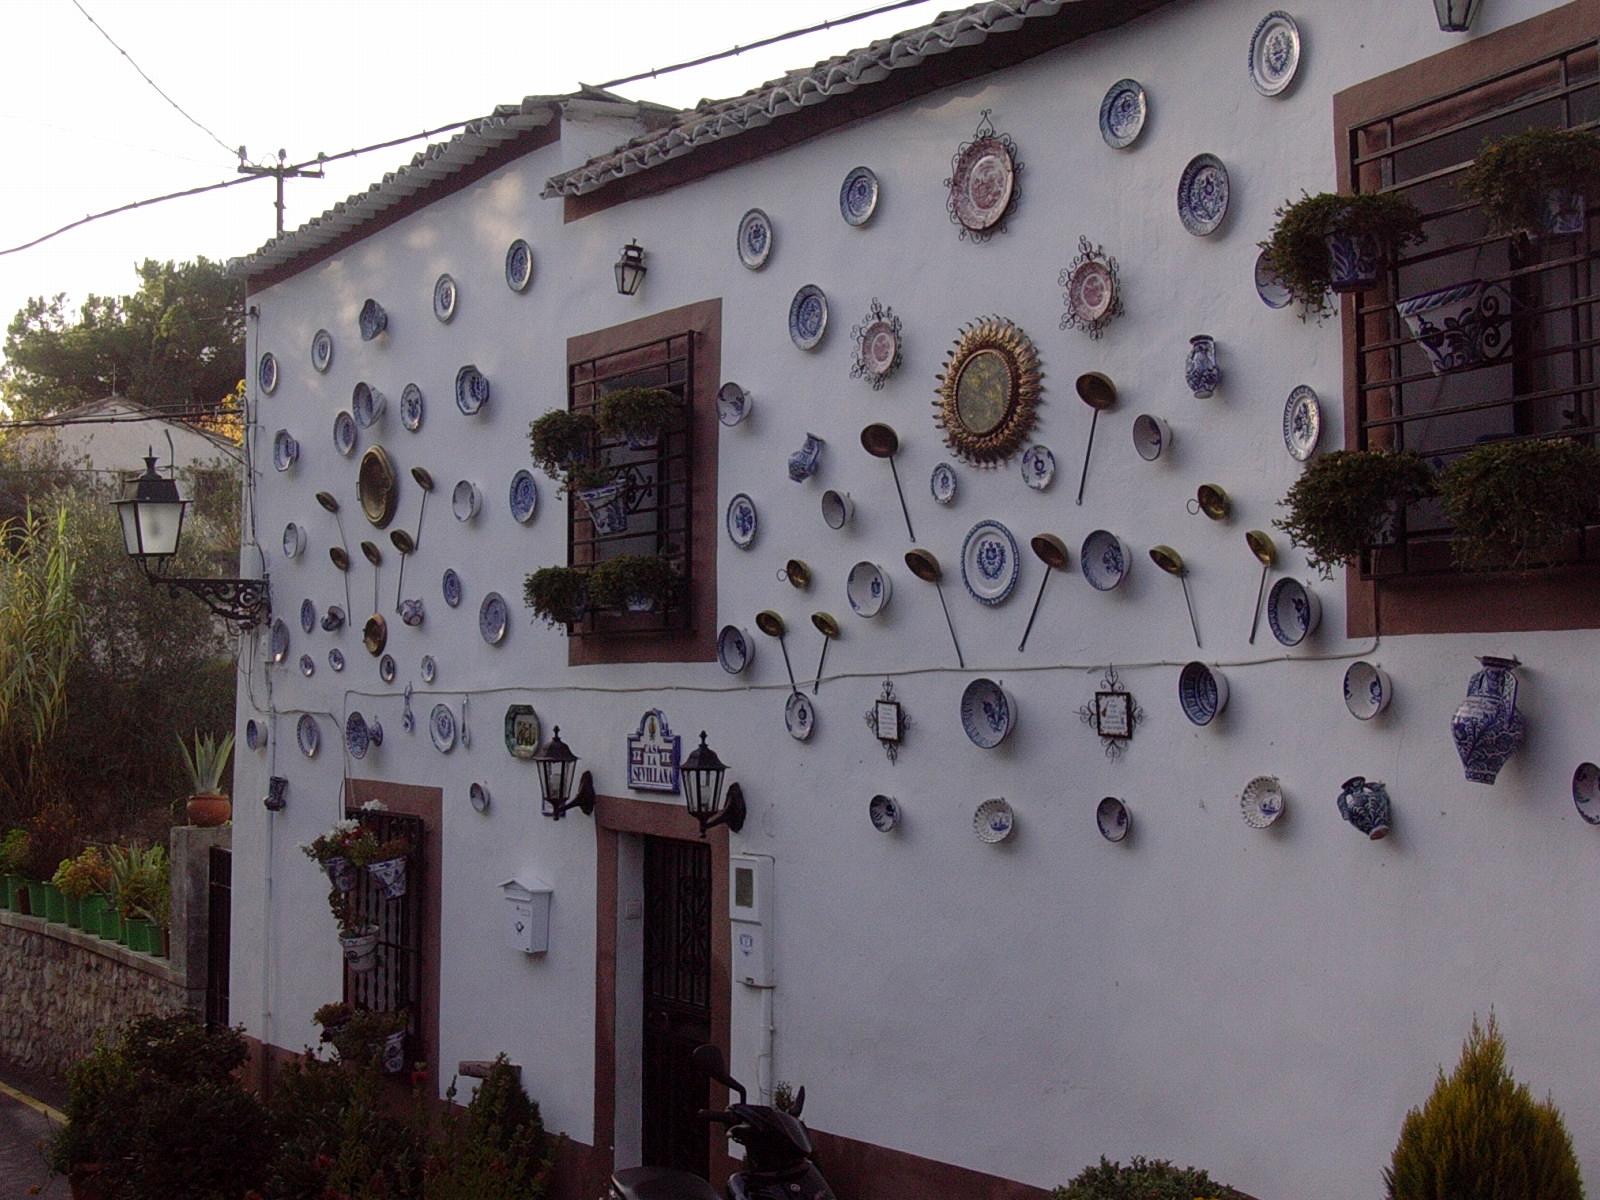 La cultura gitana un componente esencial de granada the for La casa de granada en madrid